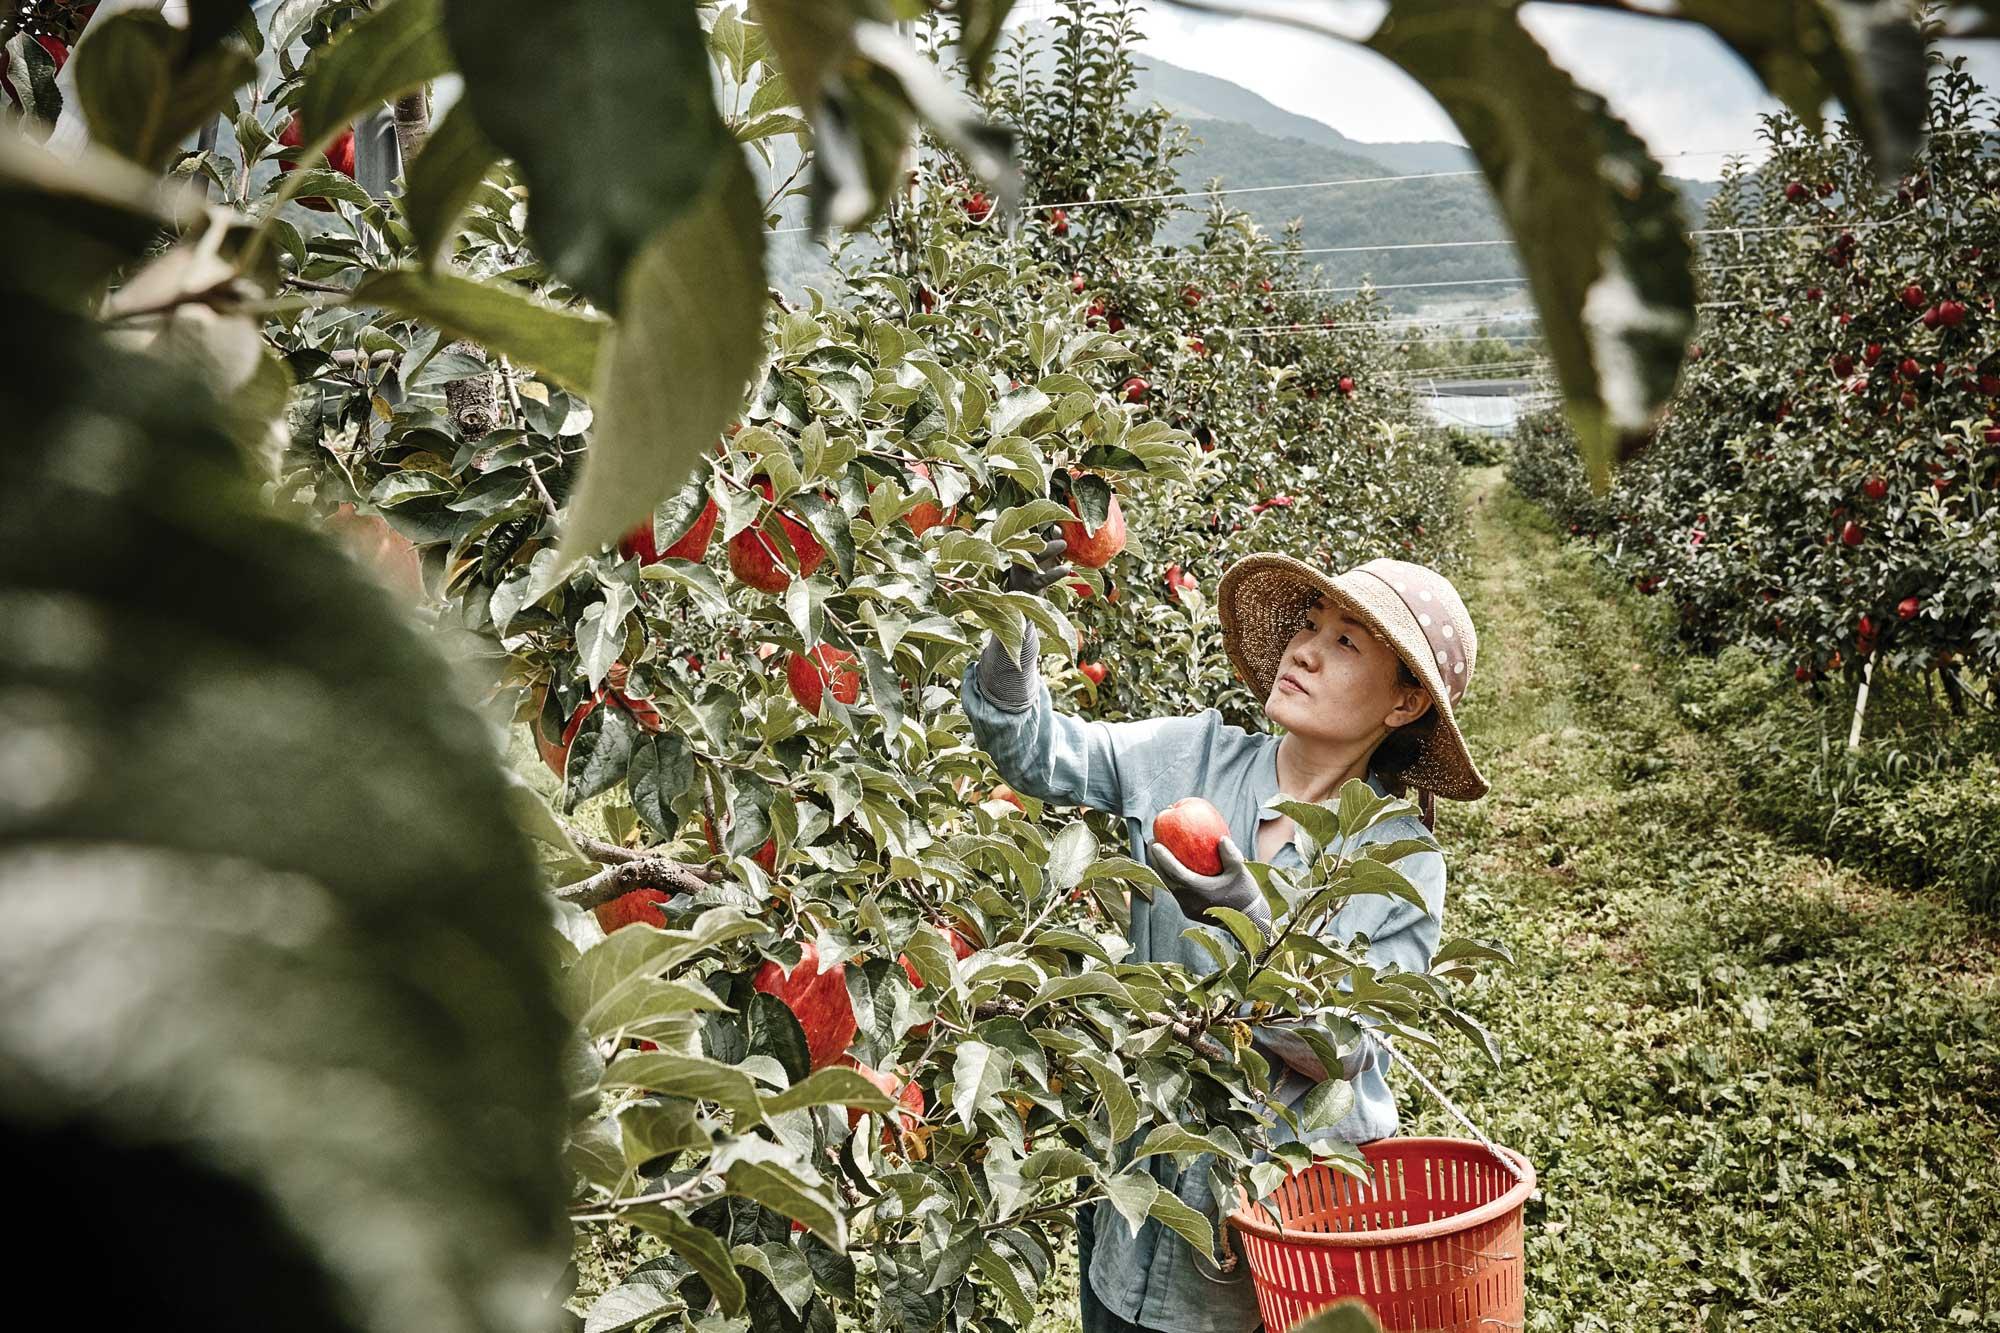 유선영 농부와 가족이 함께 일군 사과 농원은 가족 모두의 소중한 터전이자 자랑거리다. ©심윤석